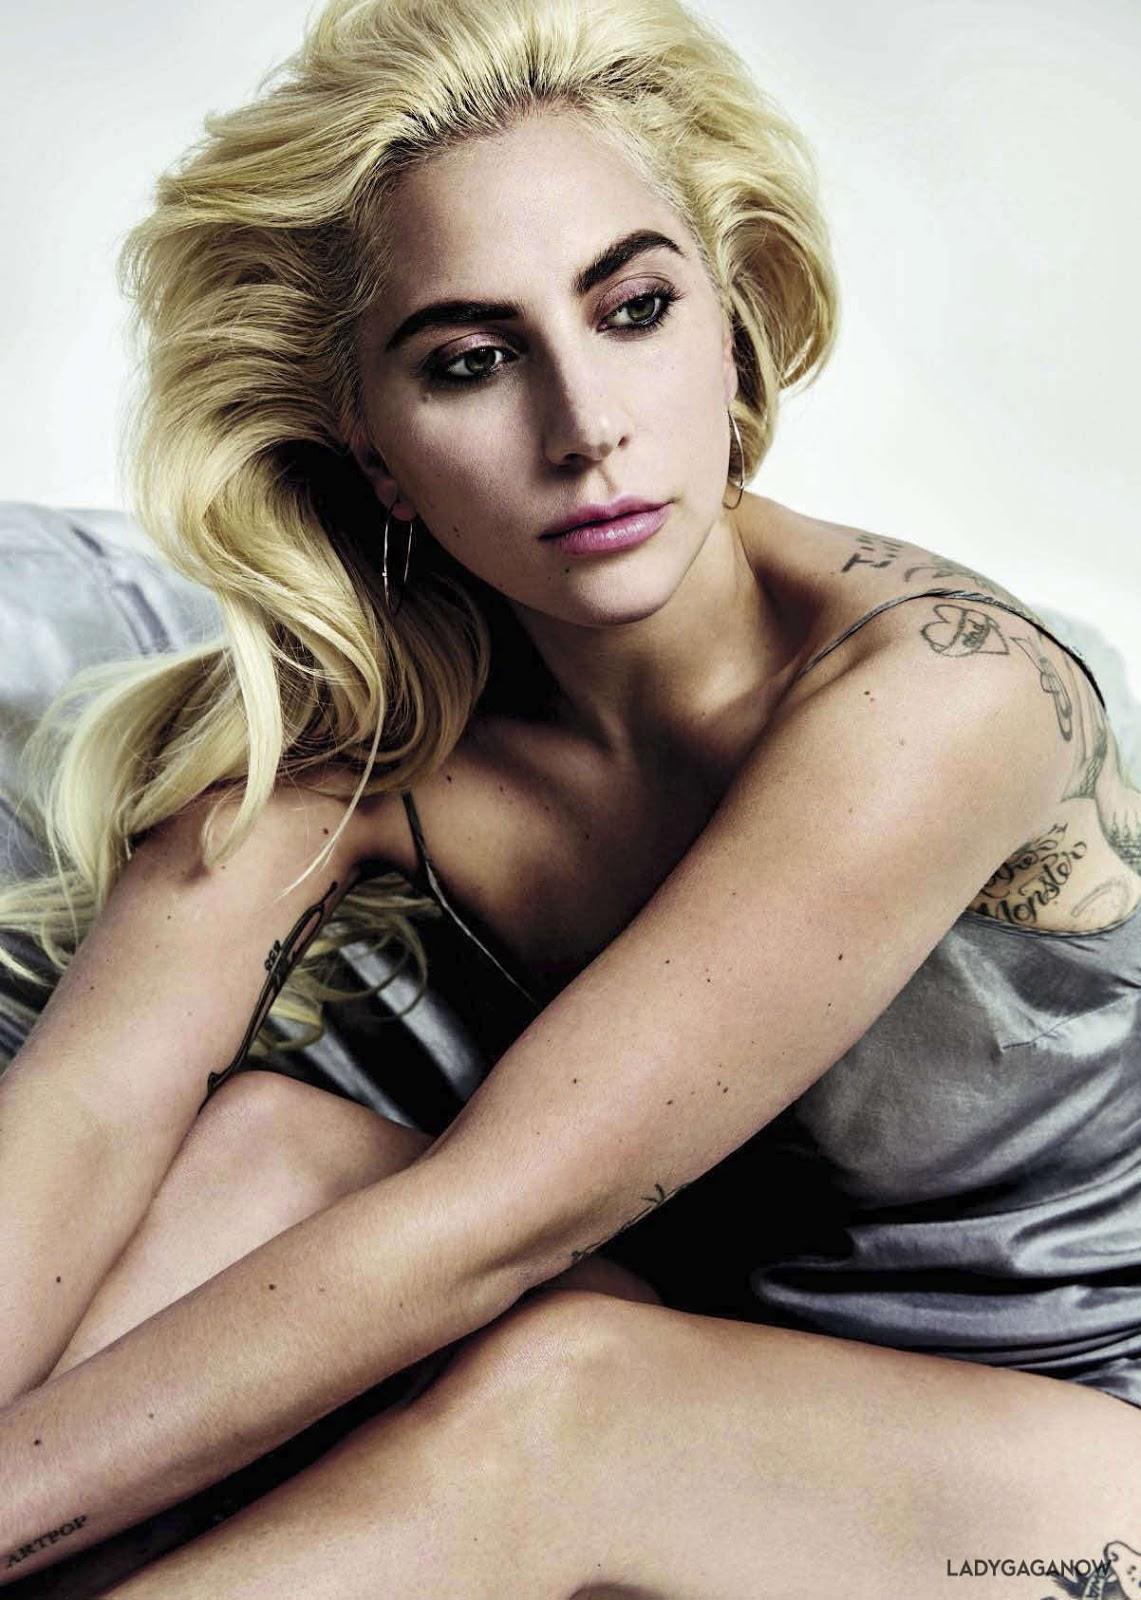 Lady Gaga Joanne Fashion